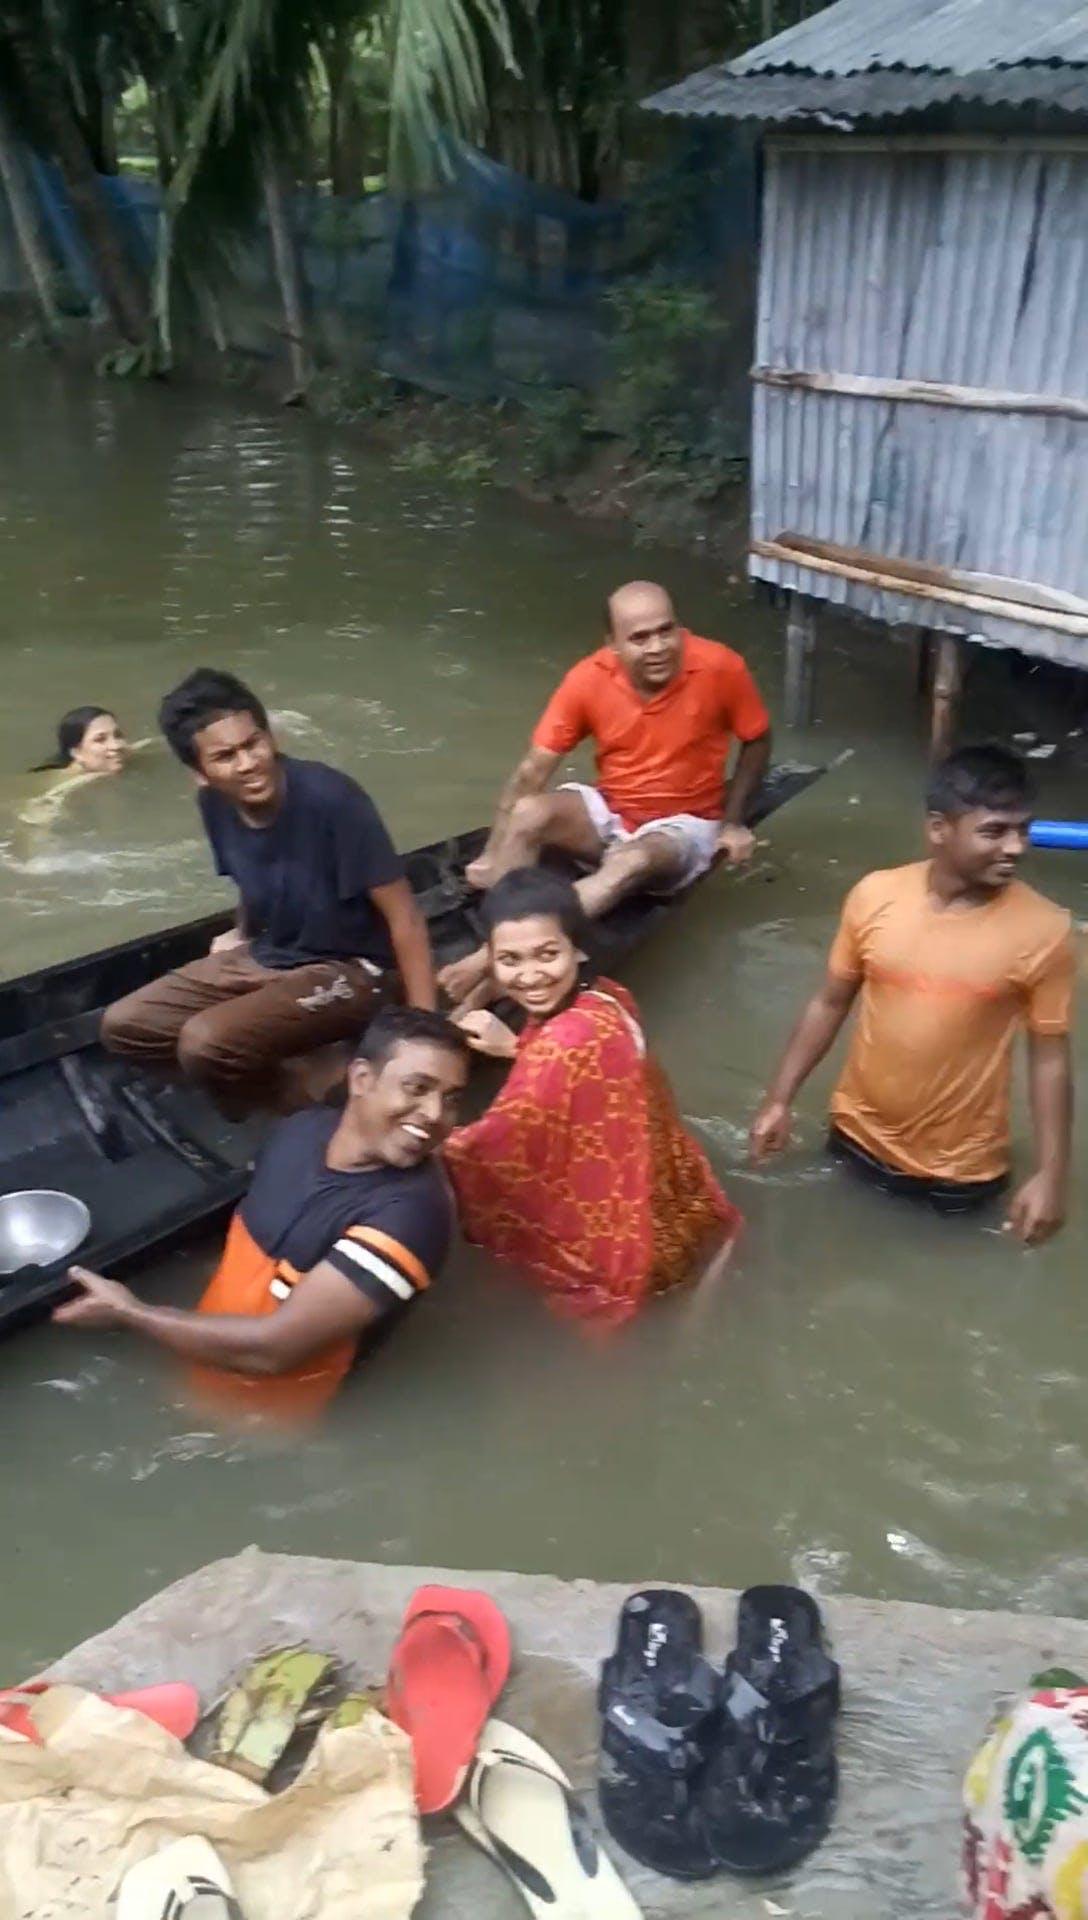 People On Flooded Area